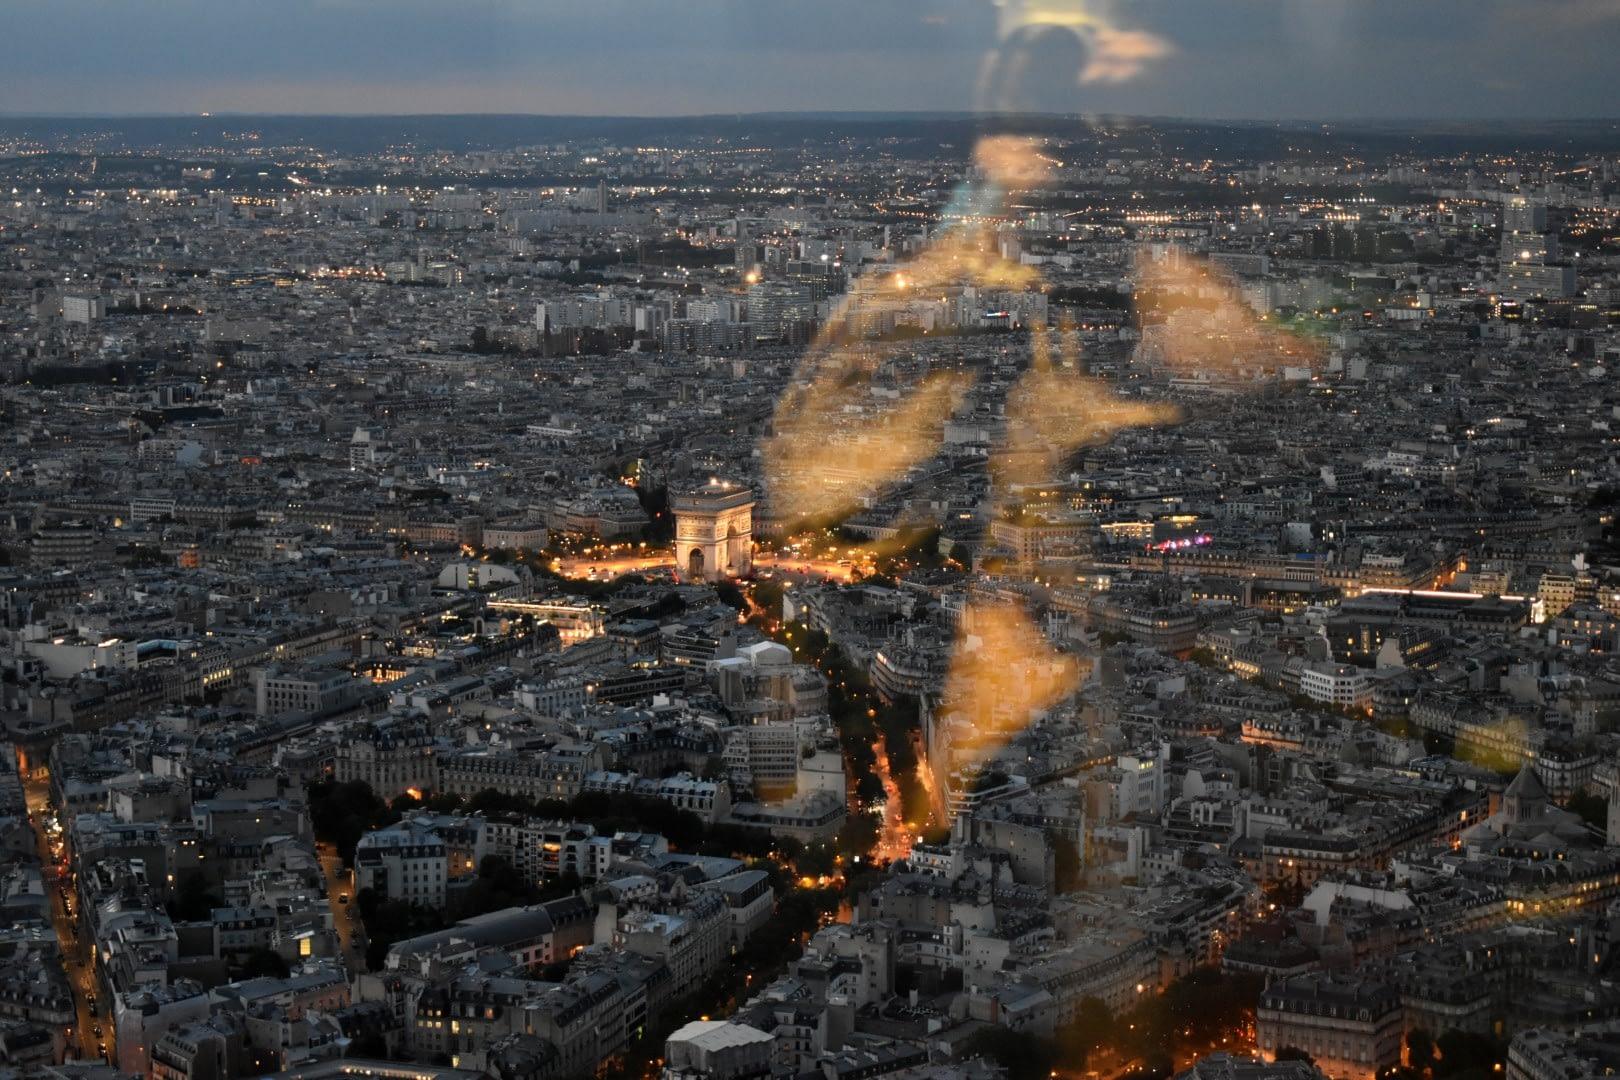 Arc de Triomphe, top of the Eiffel Tower, Paris